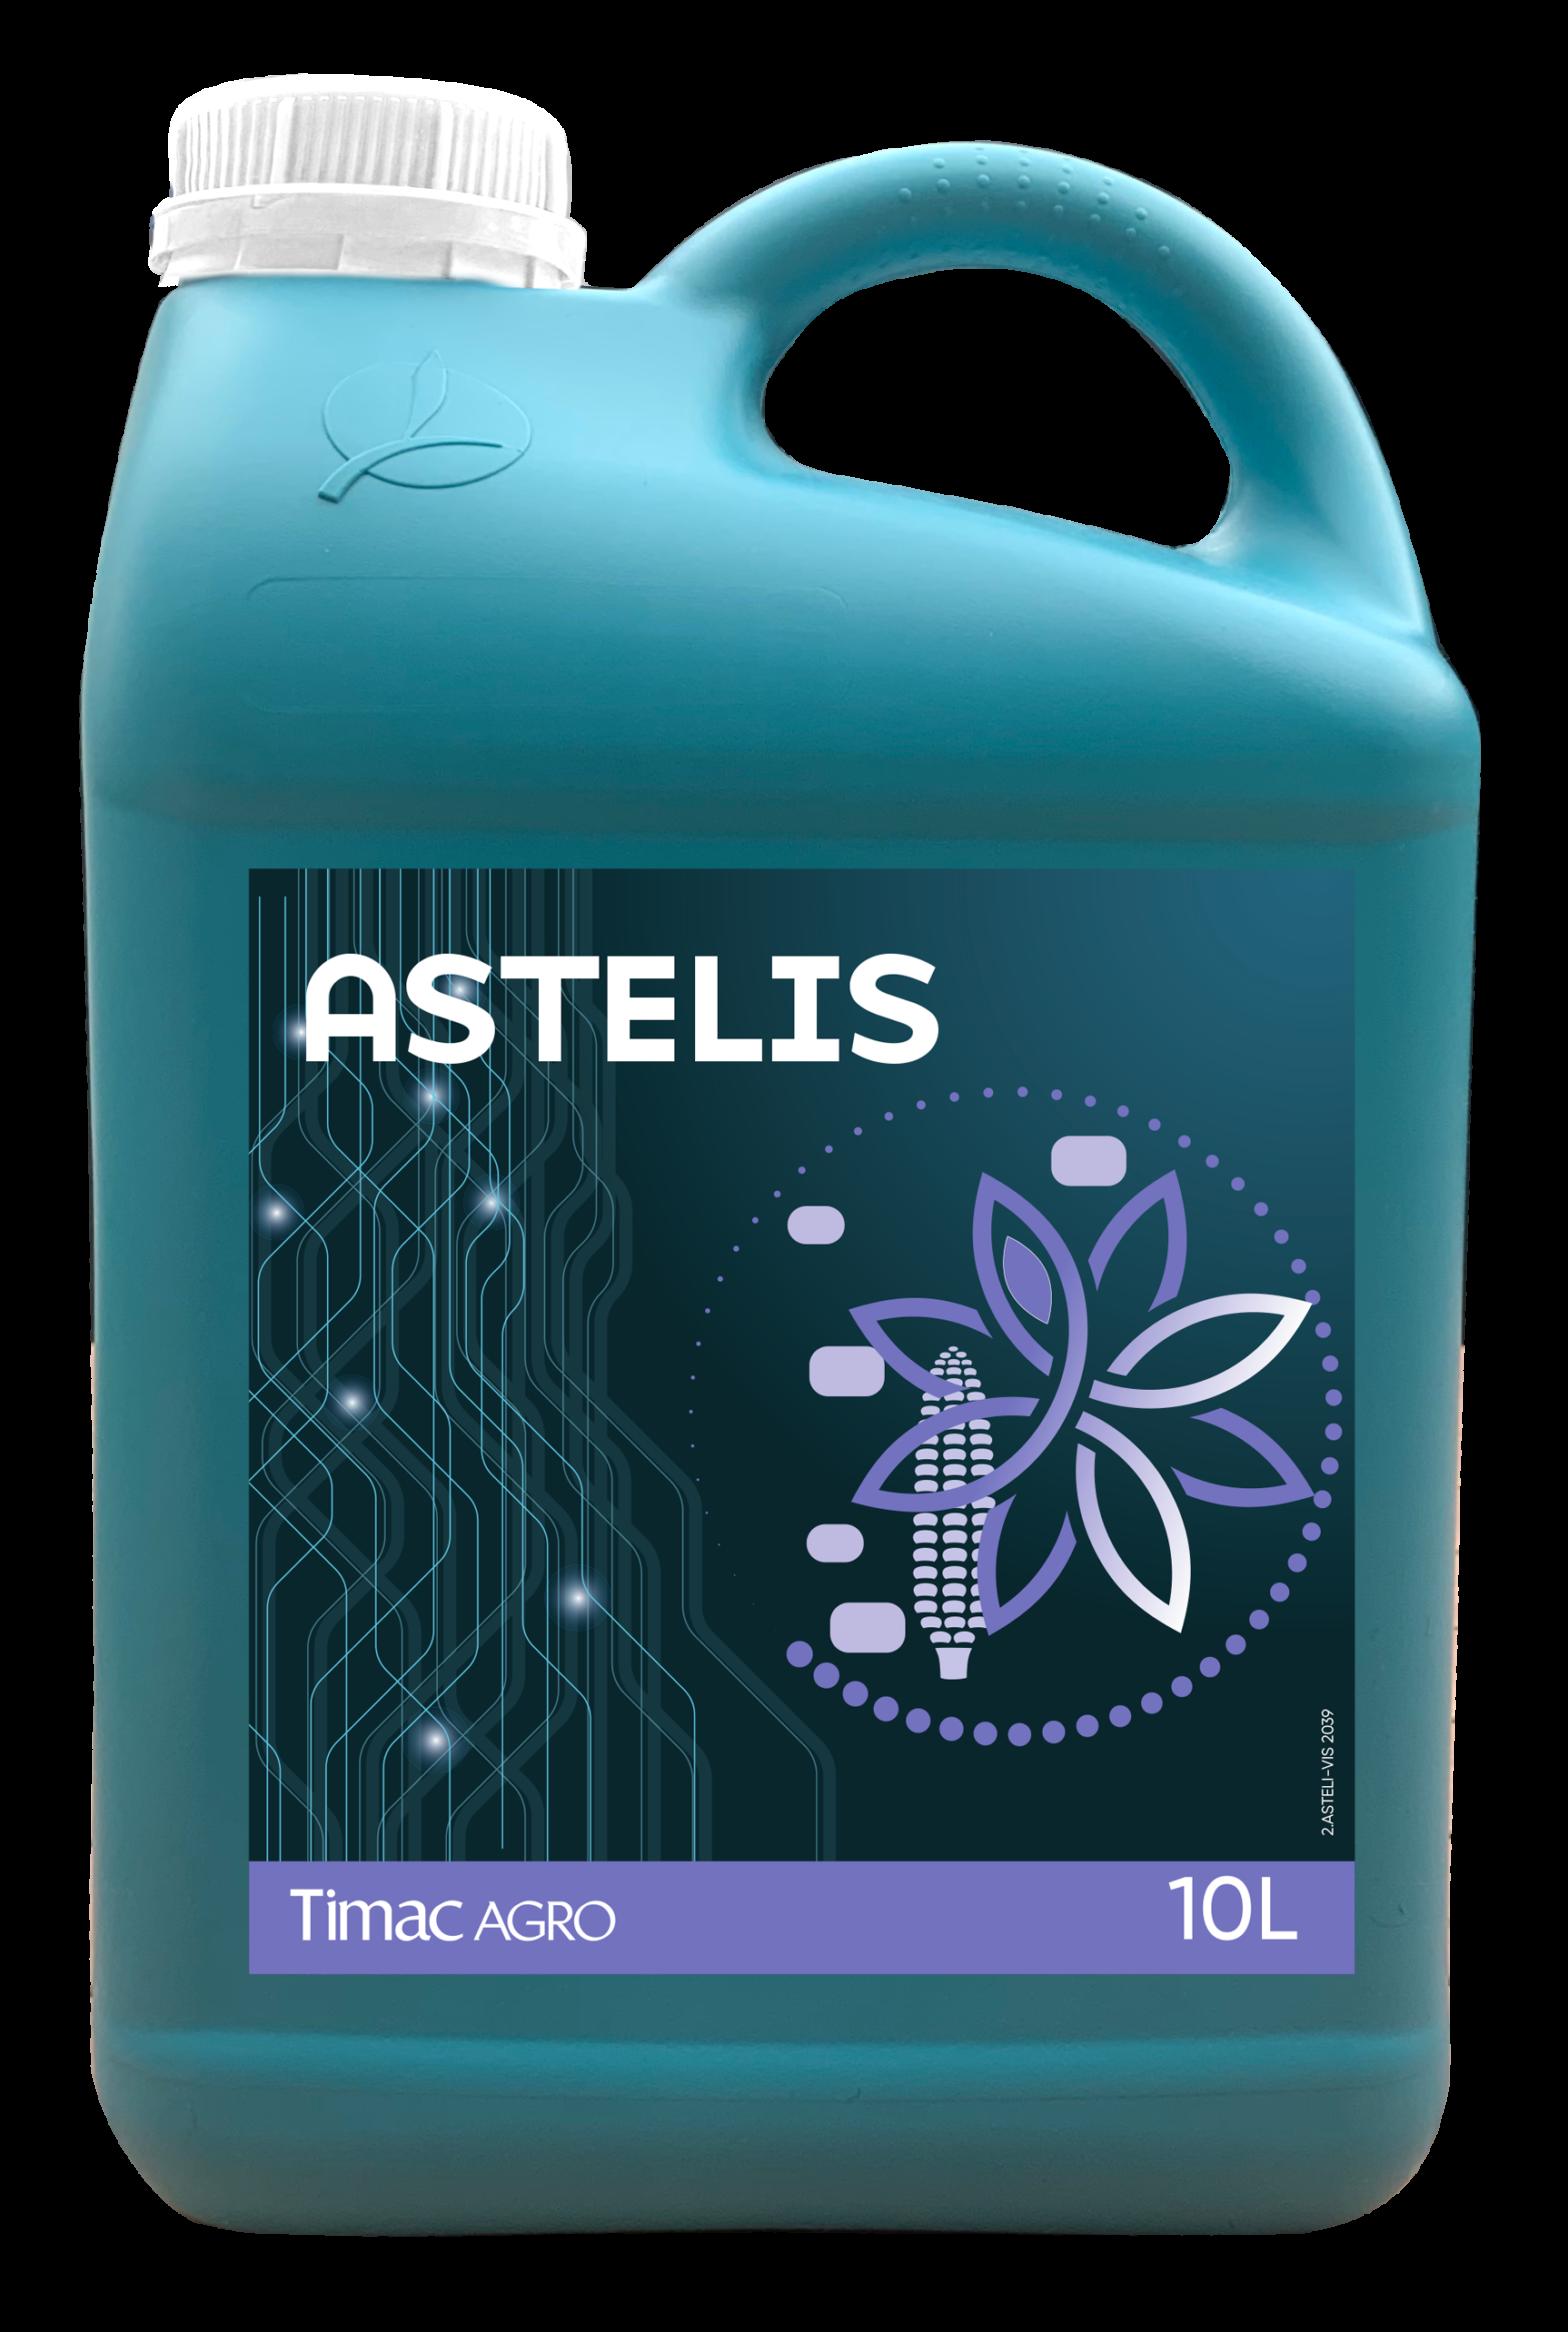 АСТЕЛИС - биостимулатор от ново поколение за по-висок добив!